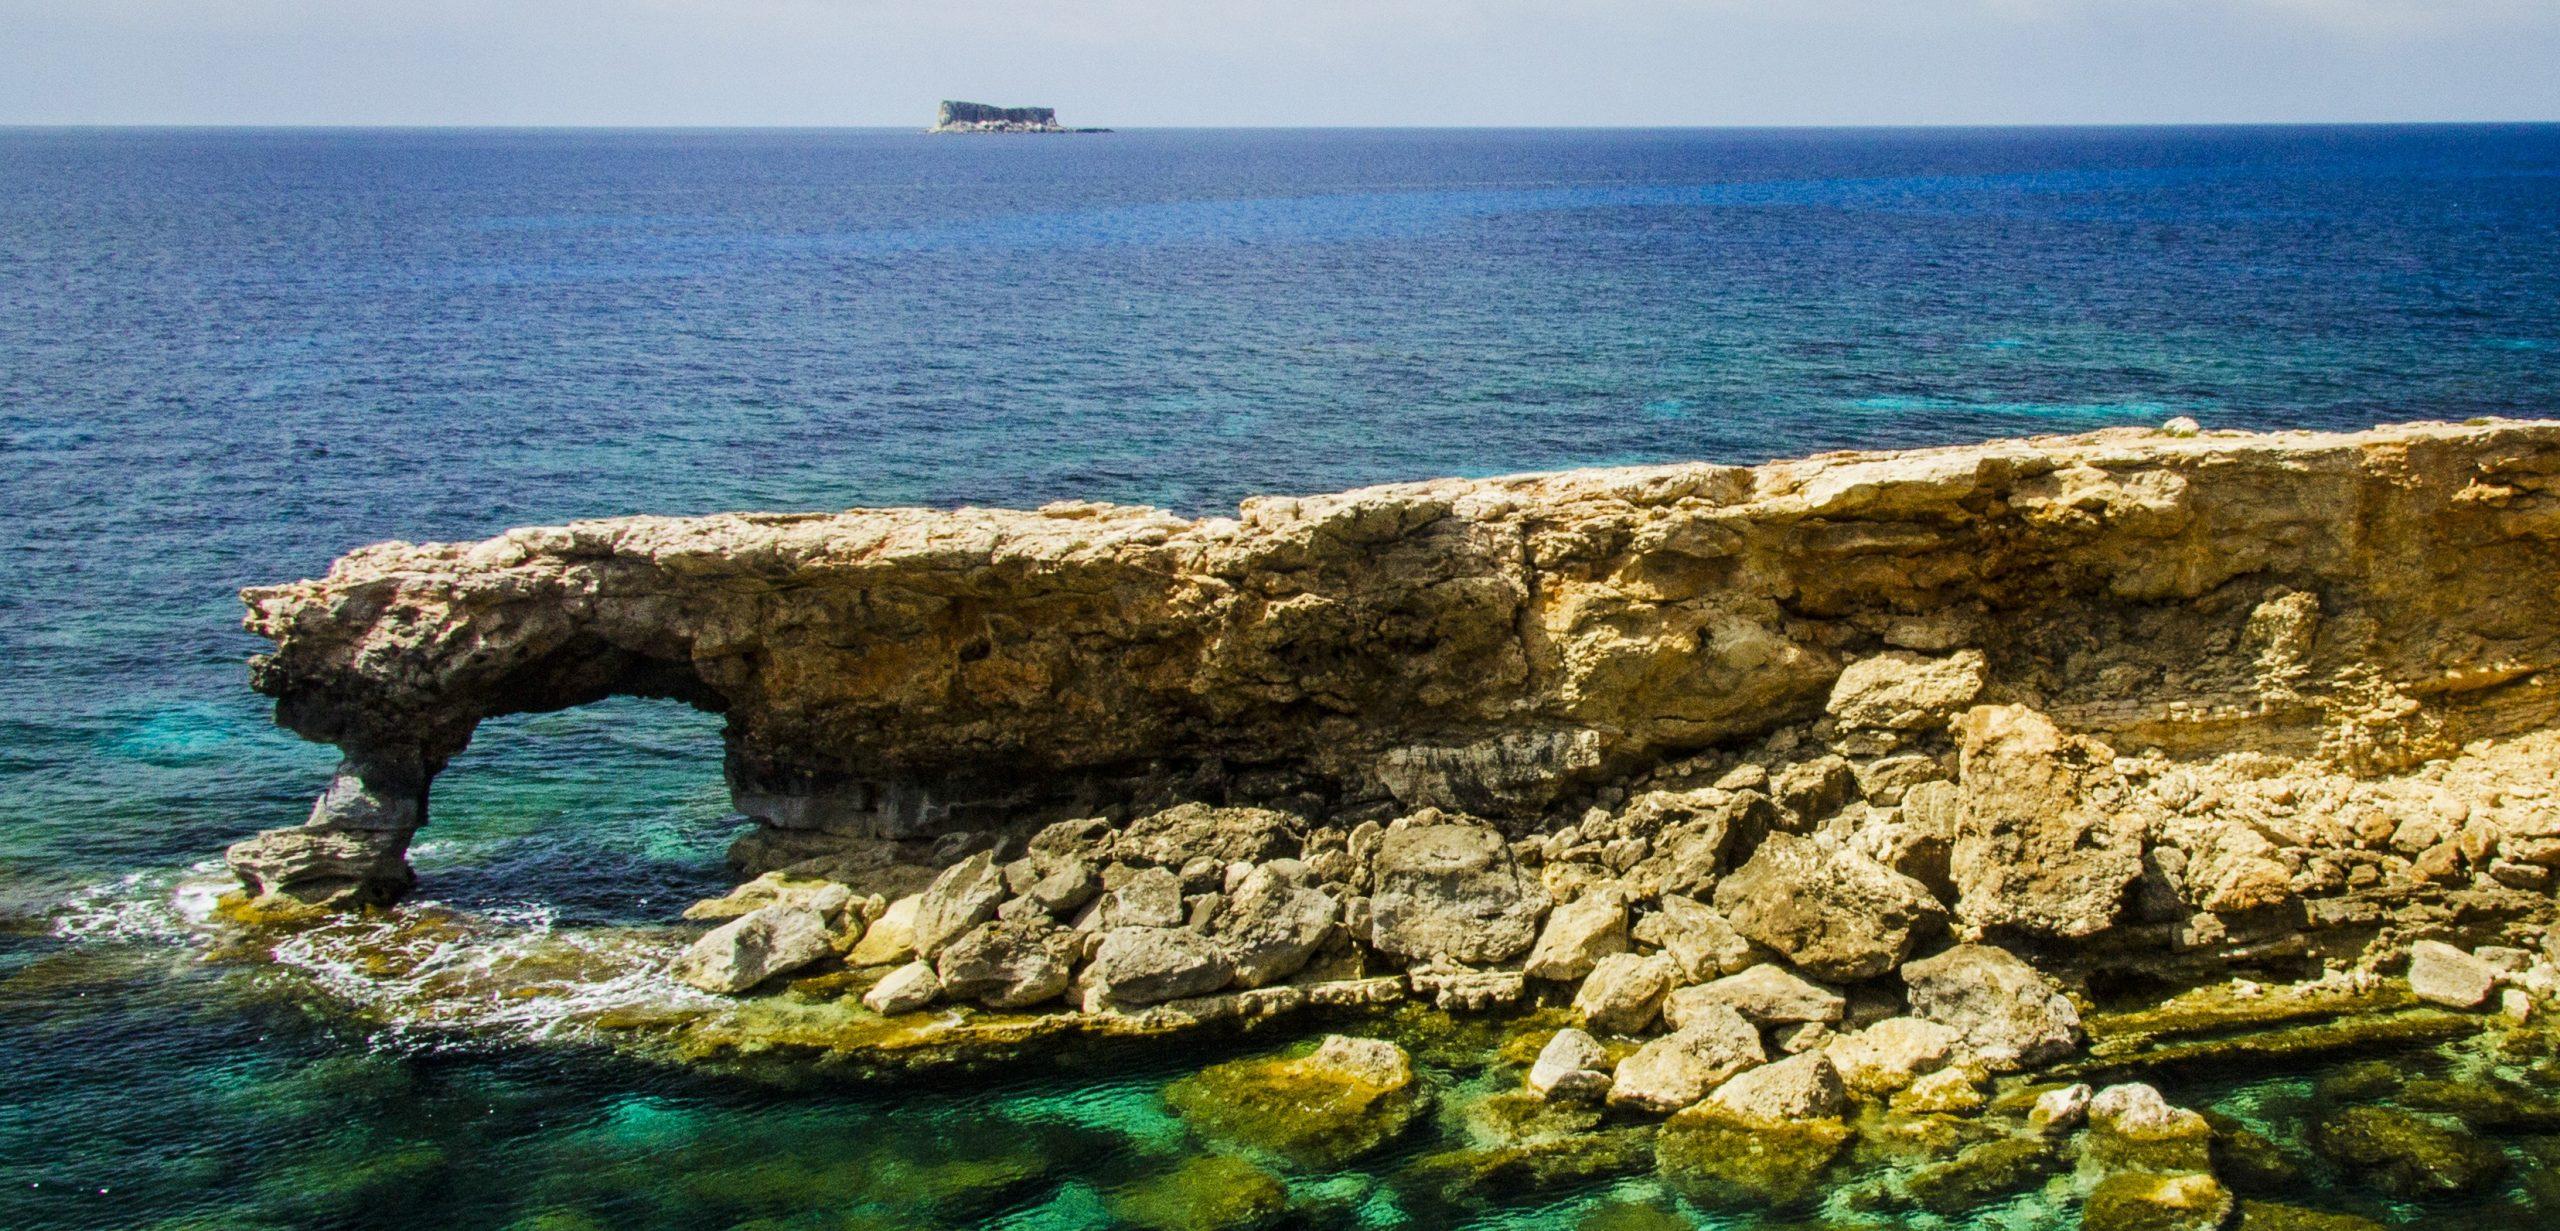 Malta's Hidden Gems and Beautiful Spots